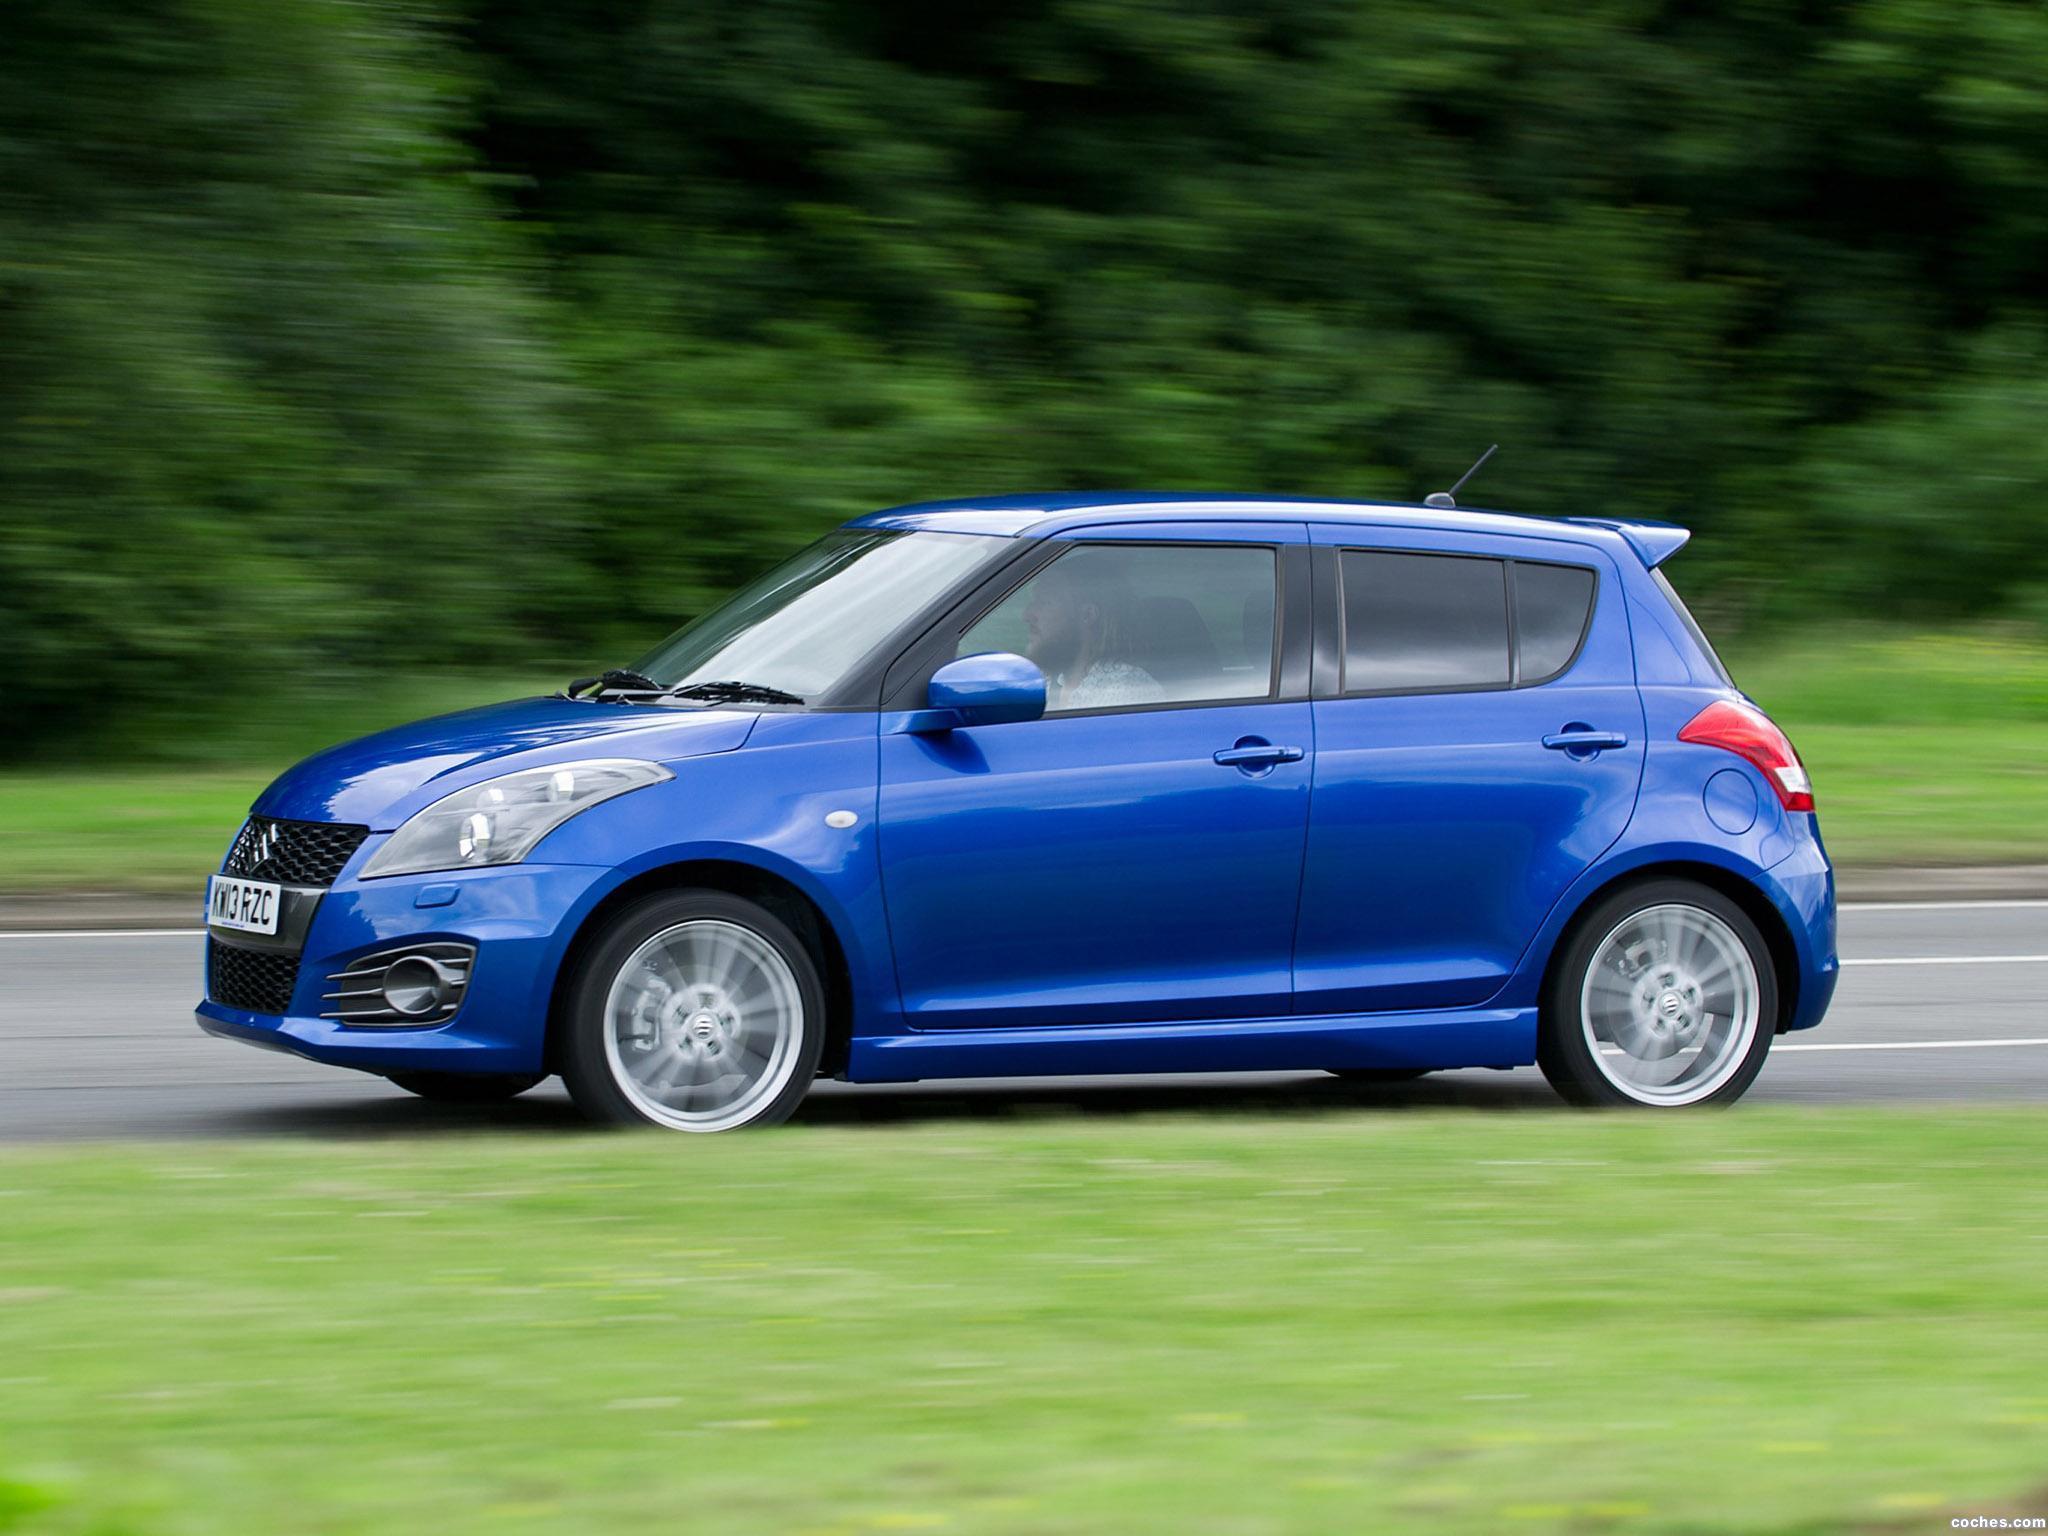 Foto 4 de Suzuki Swift Sport 5 puertas UK